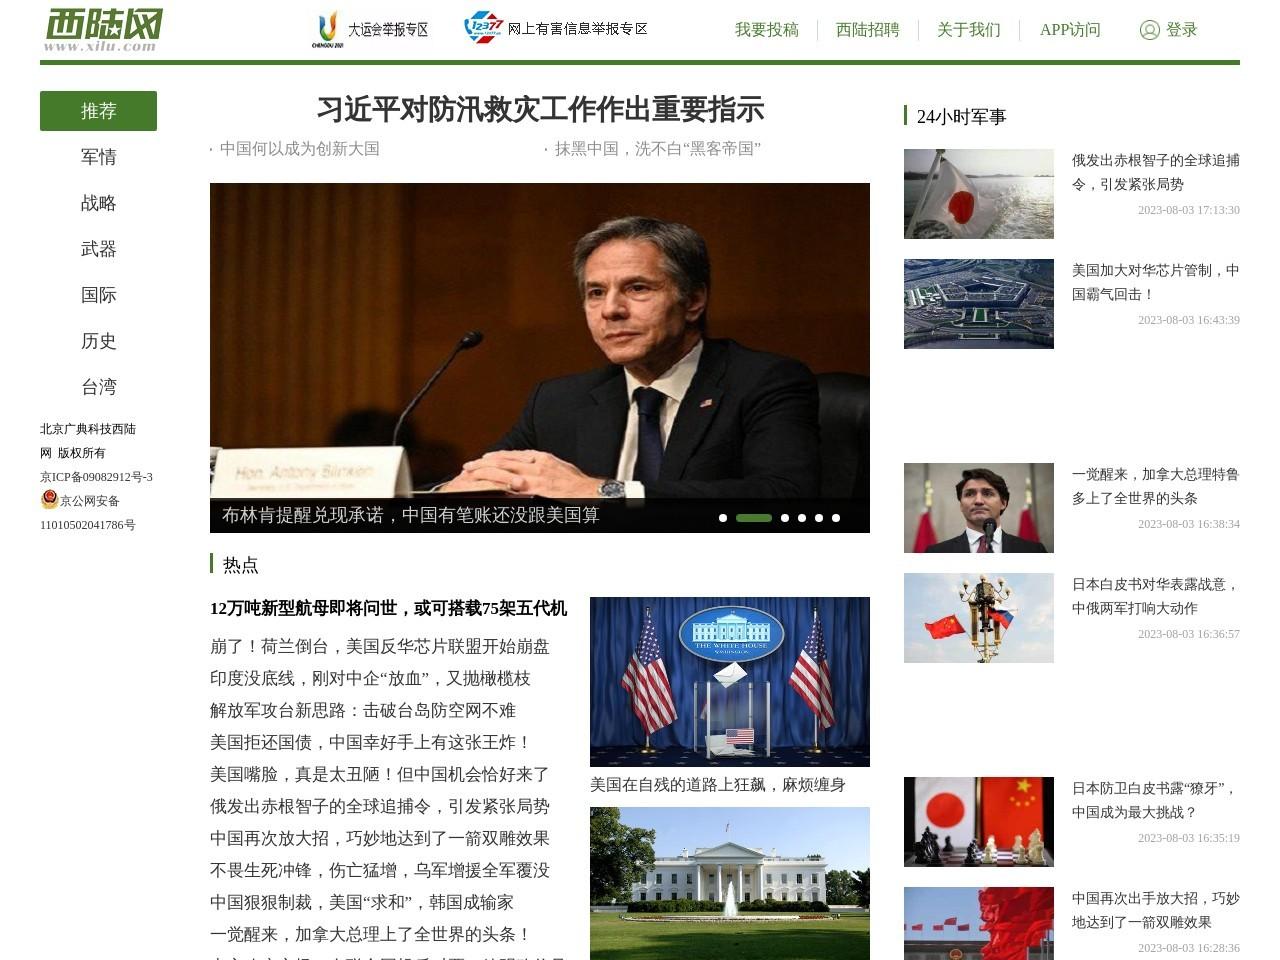 西陆网的网站截图